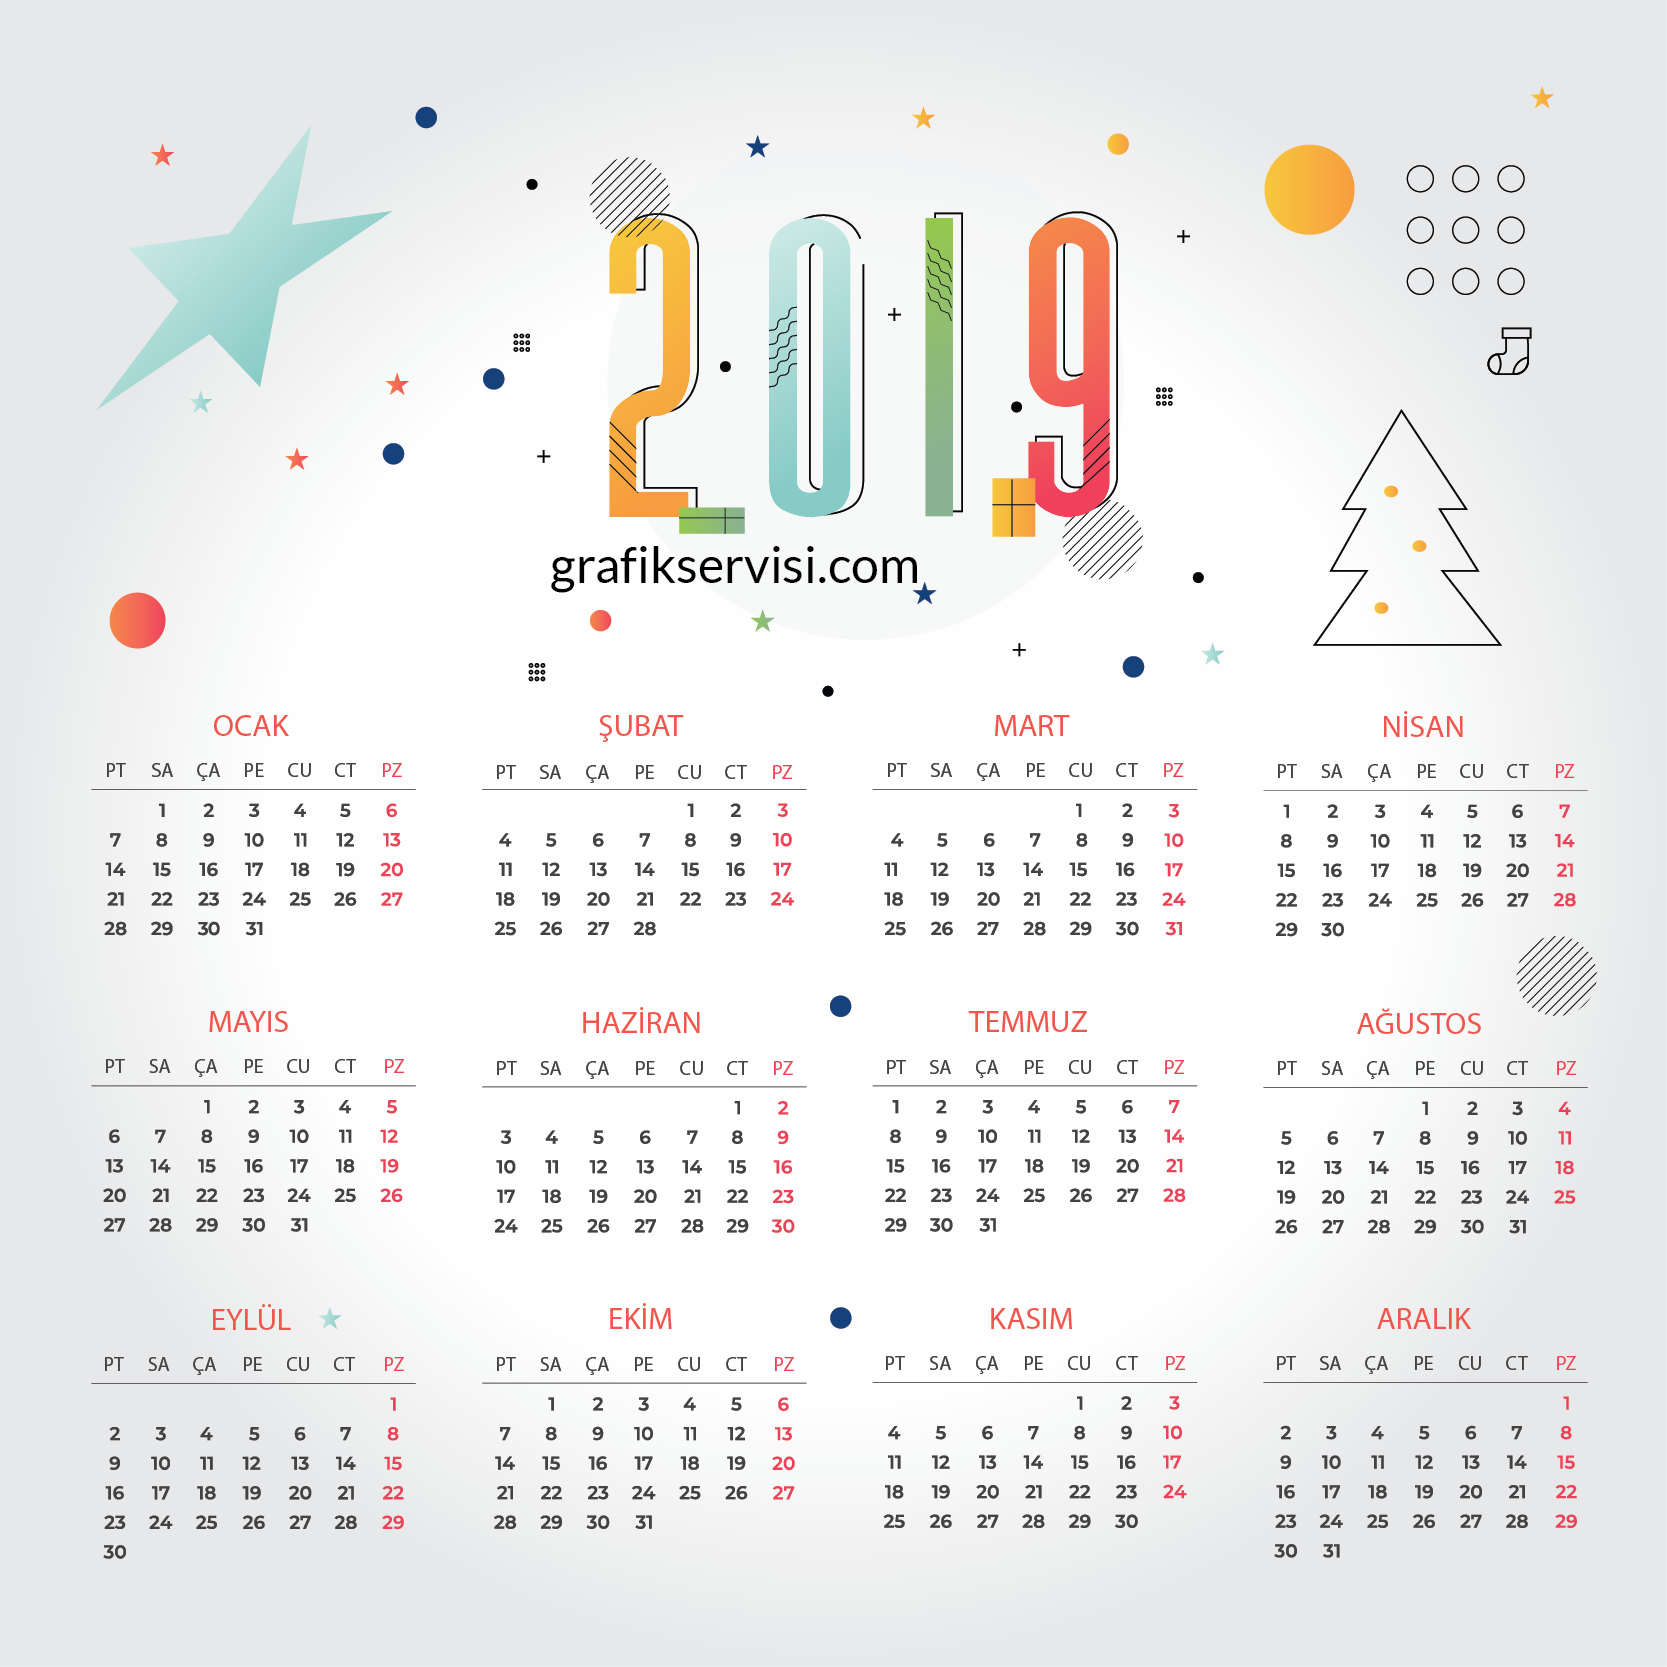 2019_takvimi-grafikservisi.png